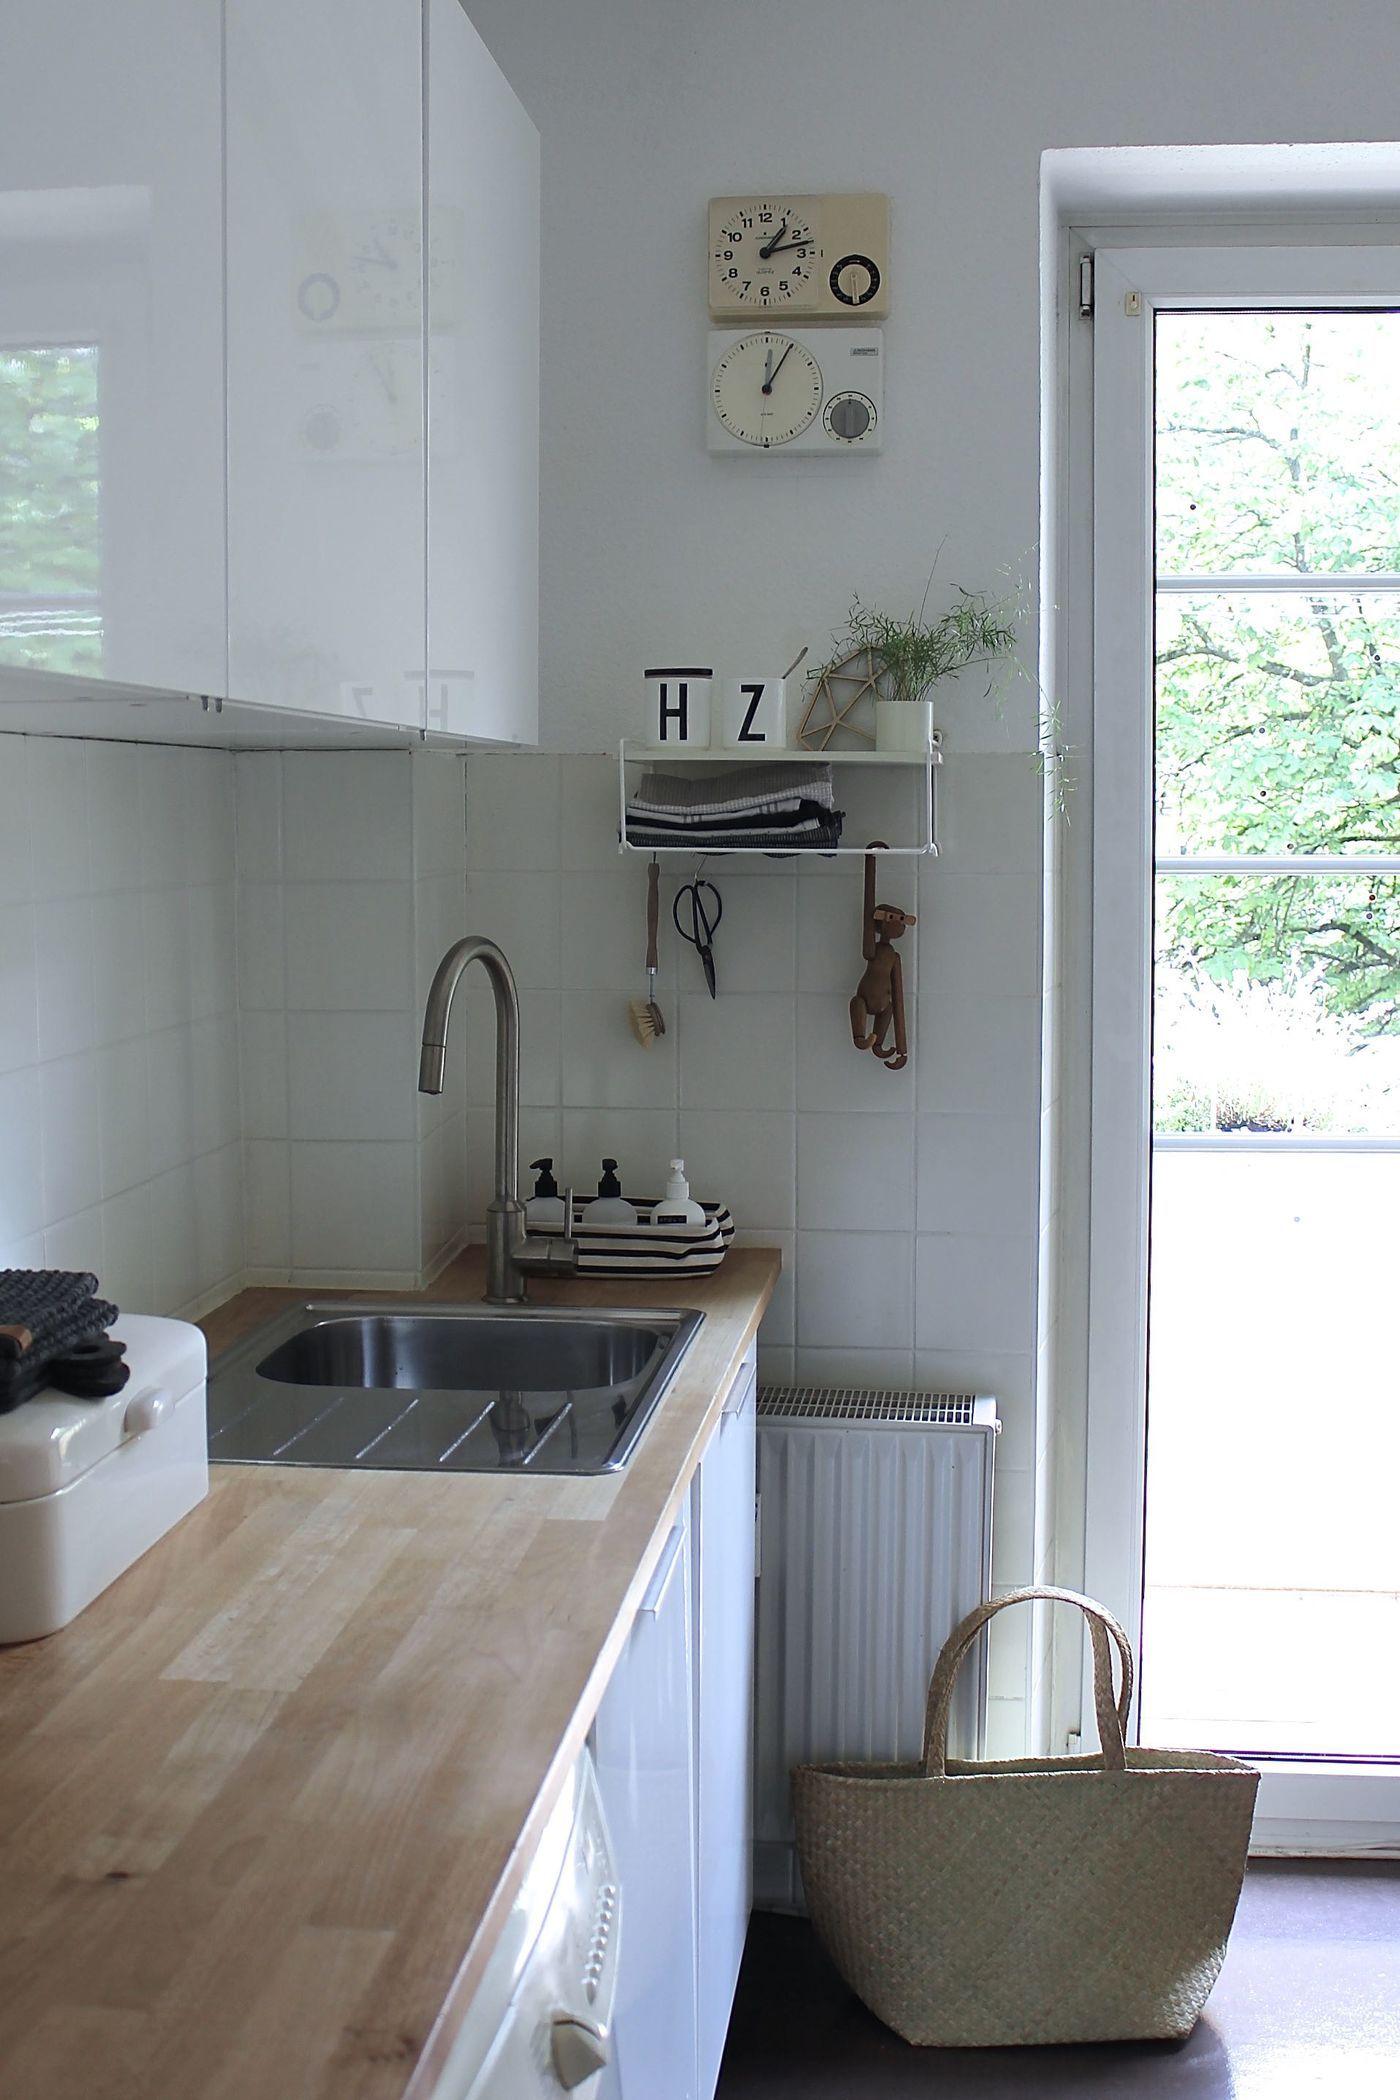 kleine k chen singlek chen einrichten seite 5. Black Bedroom Furniture Sets. Home Design Ideas